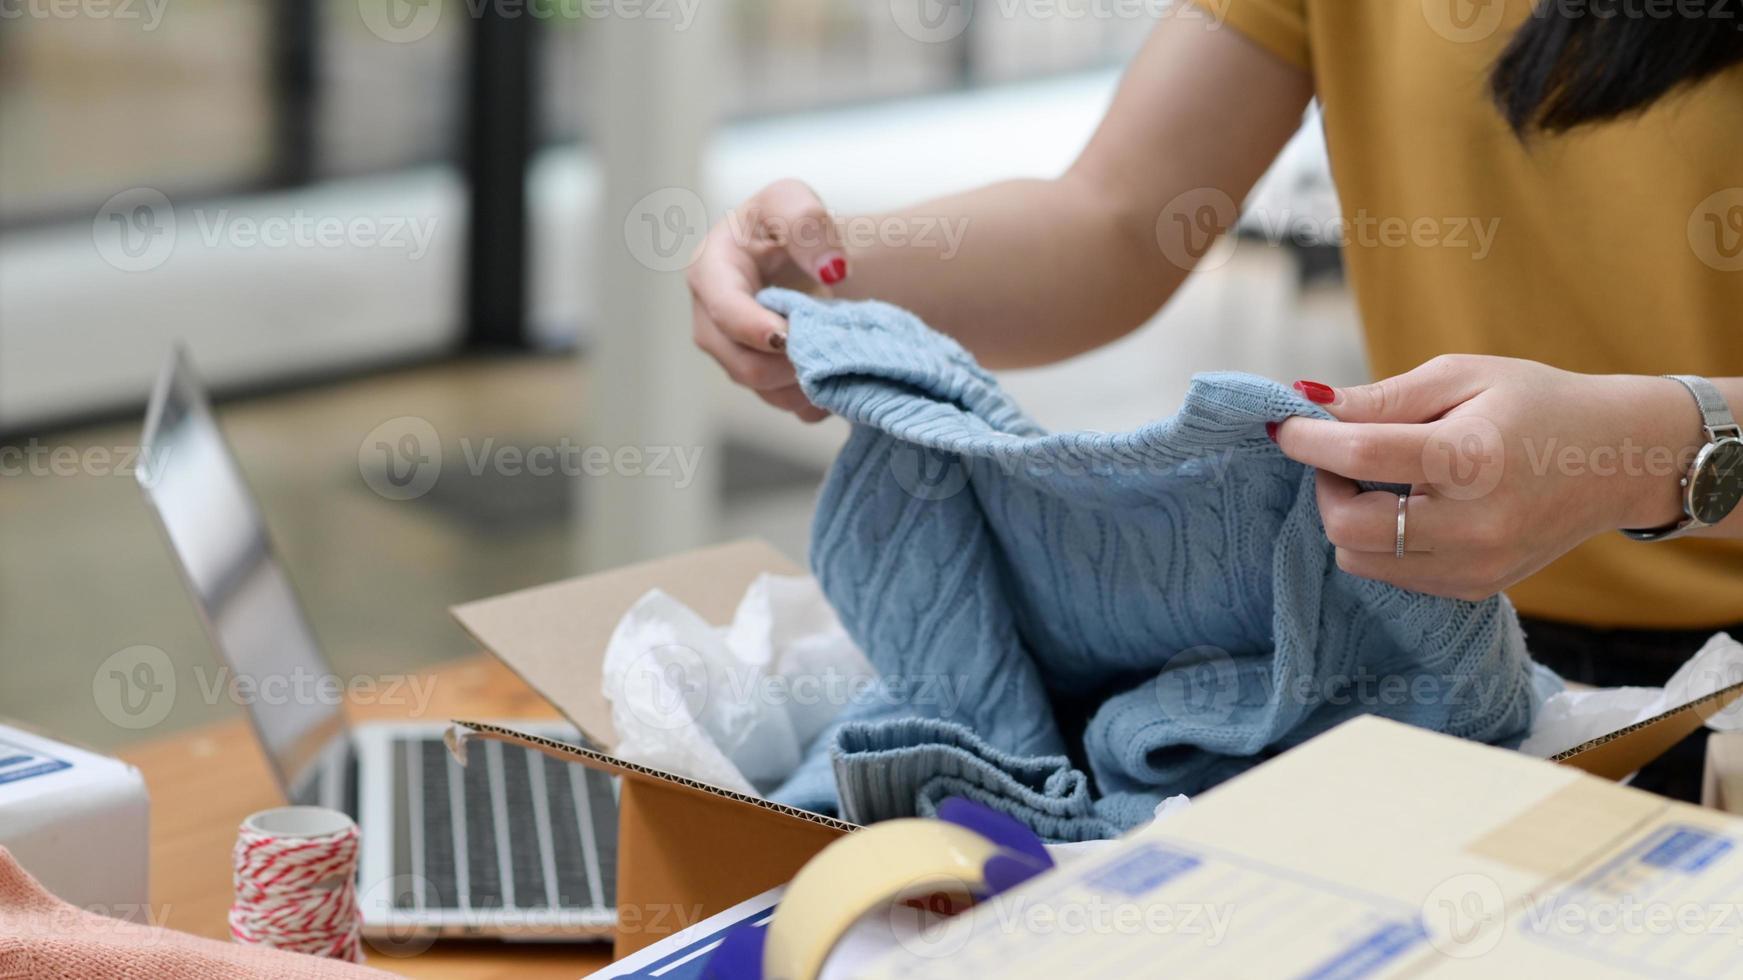 venda on-line mulher embalando camisolas em caixas para entrega. foto